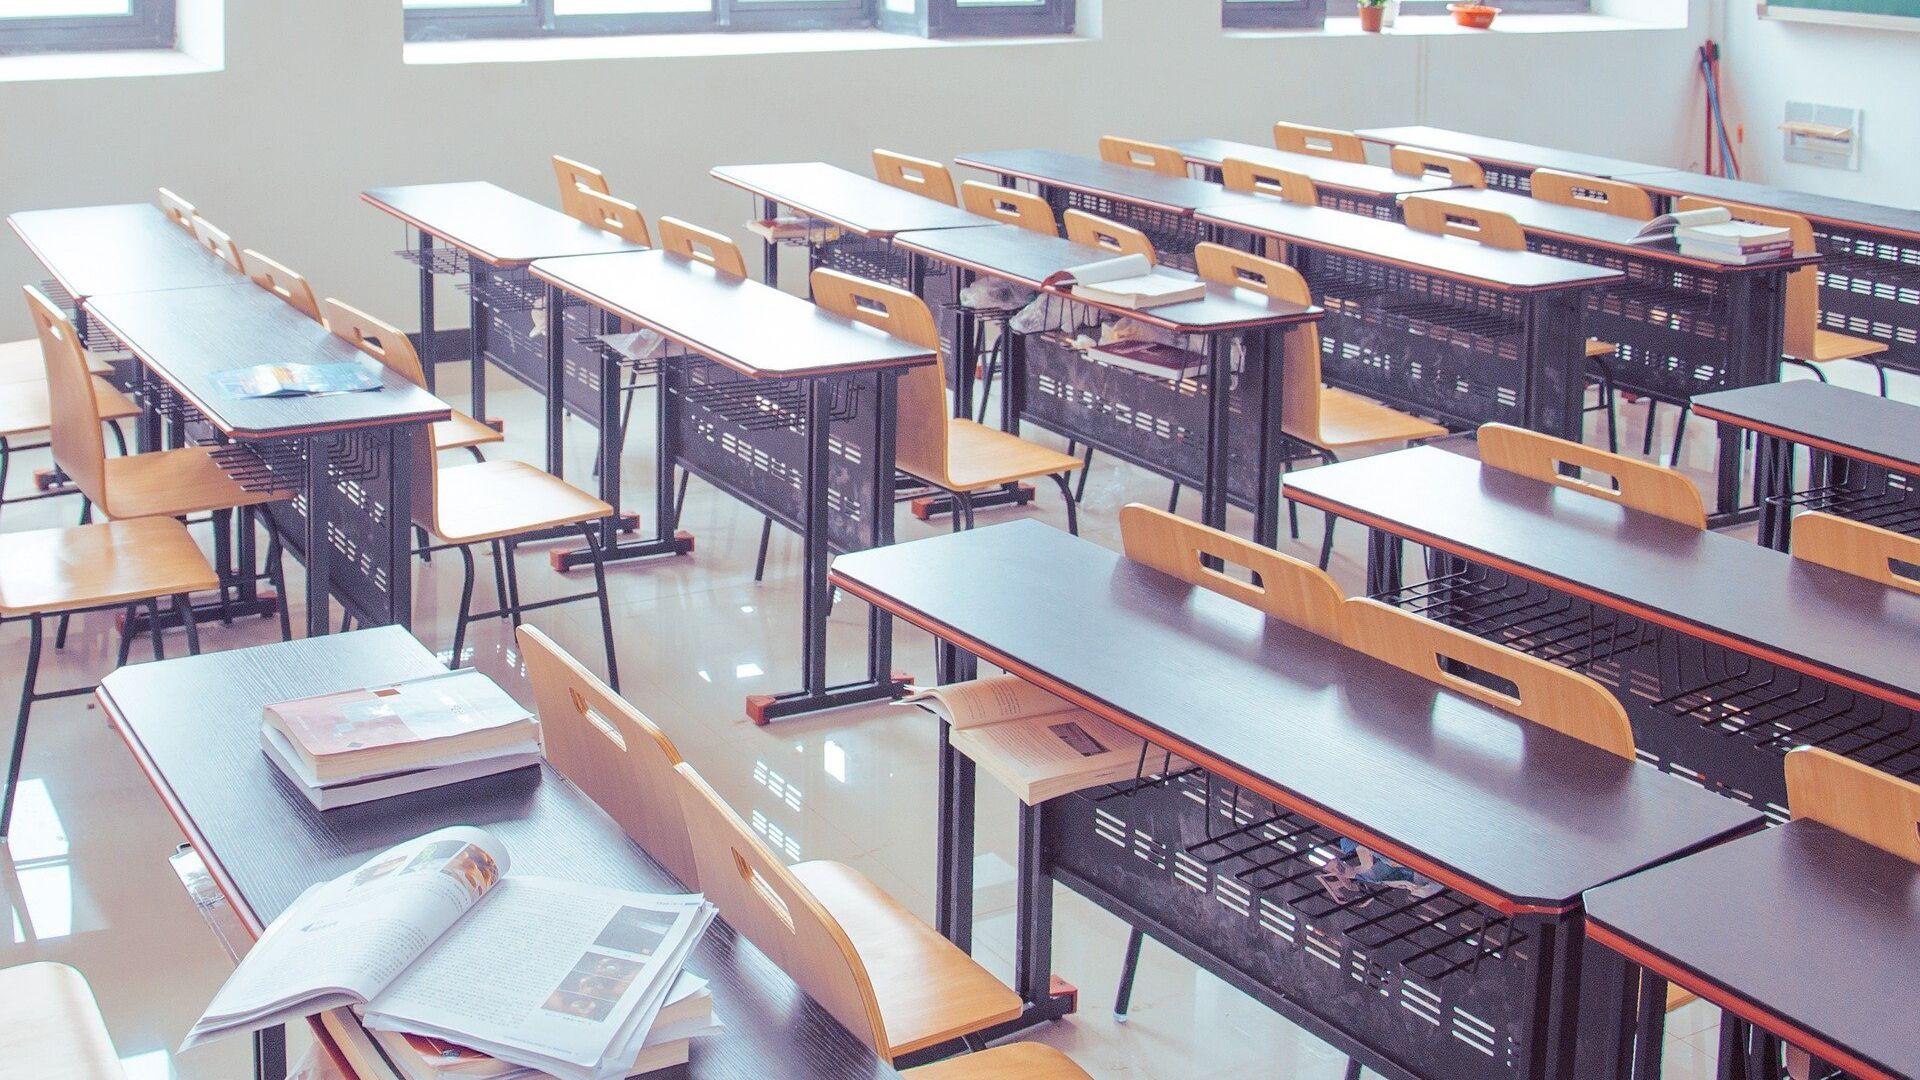 Escuela (imagen referencial) - Sputnik Mundo, 1920, 31.03.2021